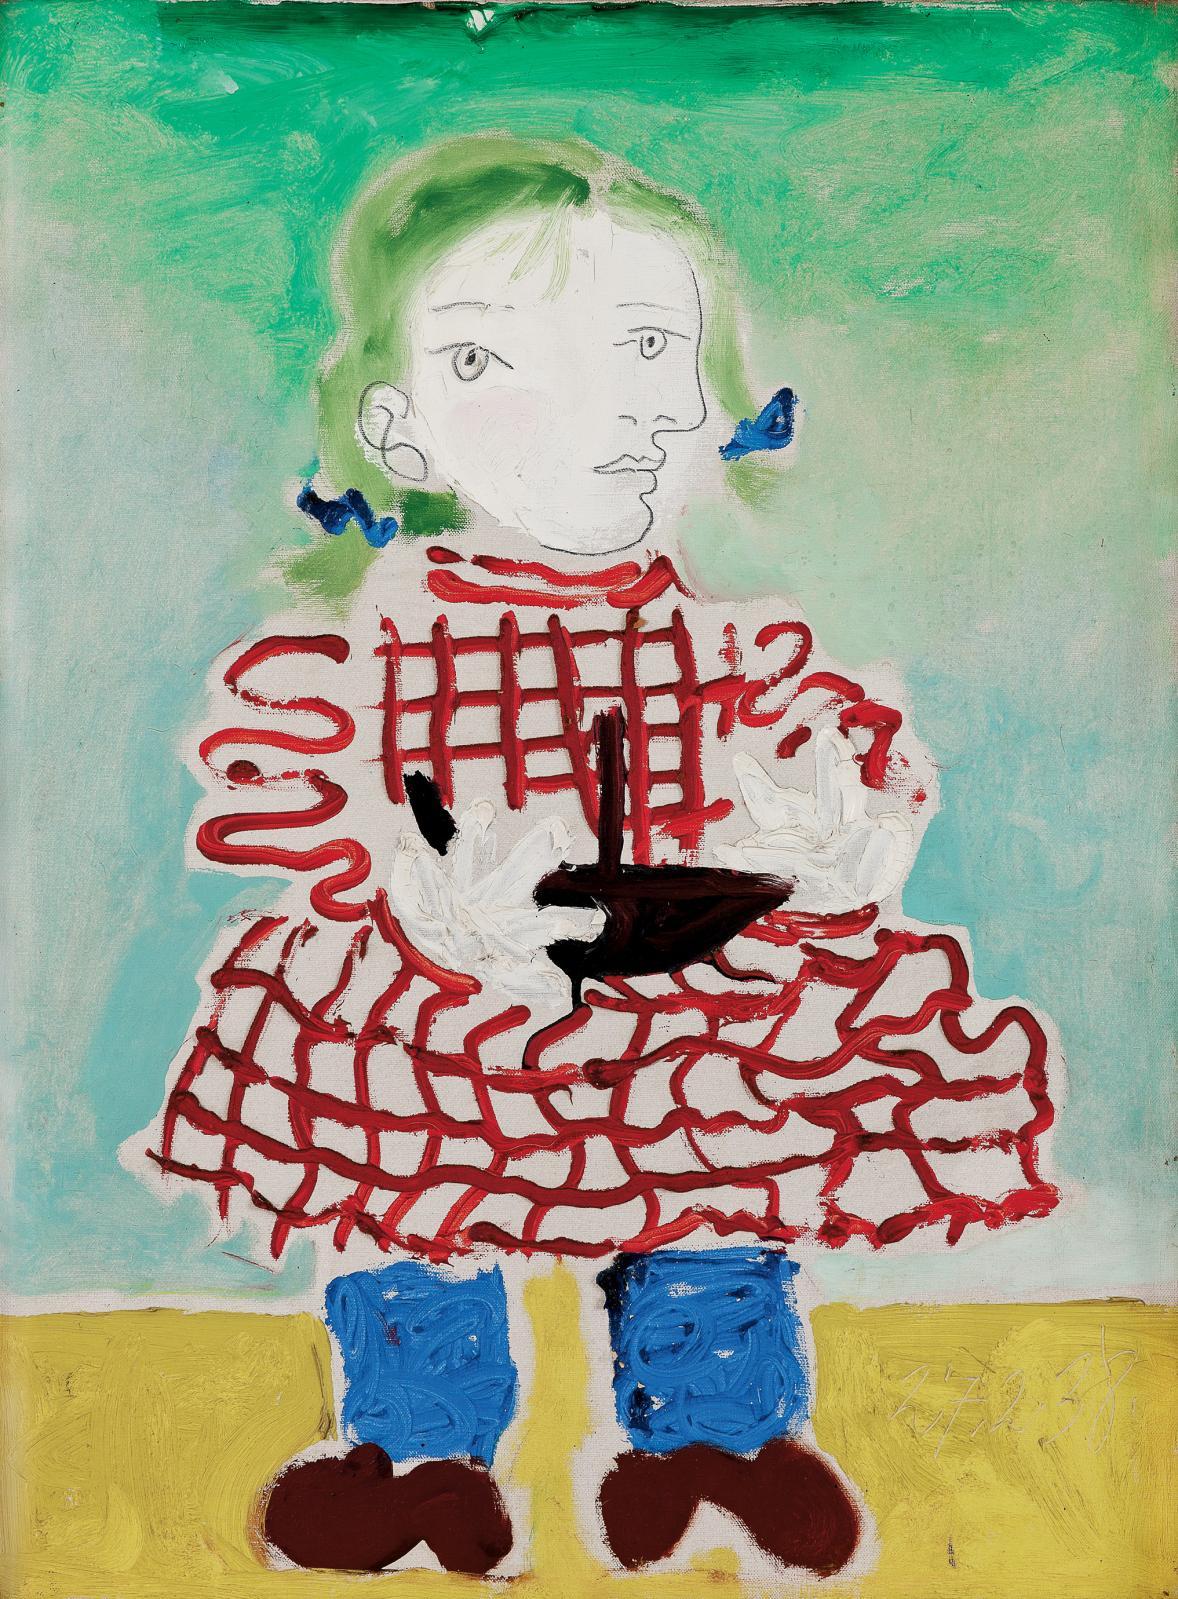 Pablo PICASSO (1881-1973), Maya au tablier, 1938.La fille de Picasso a alors 3 ans.